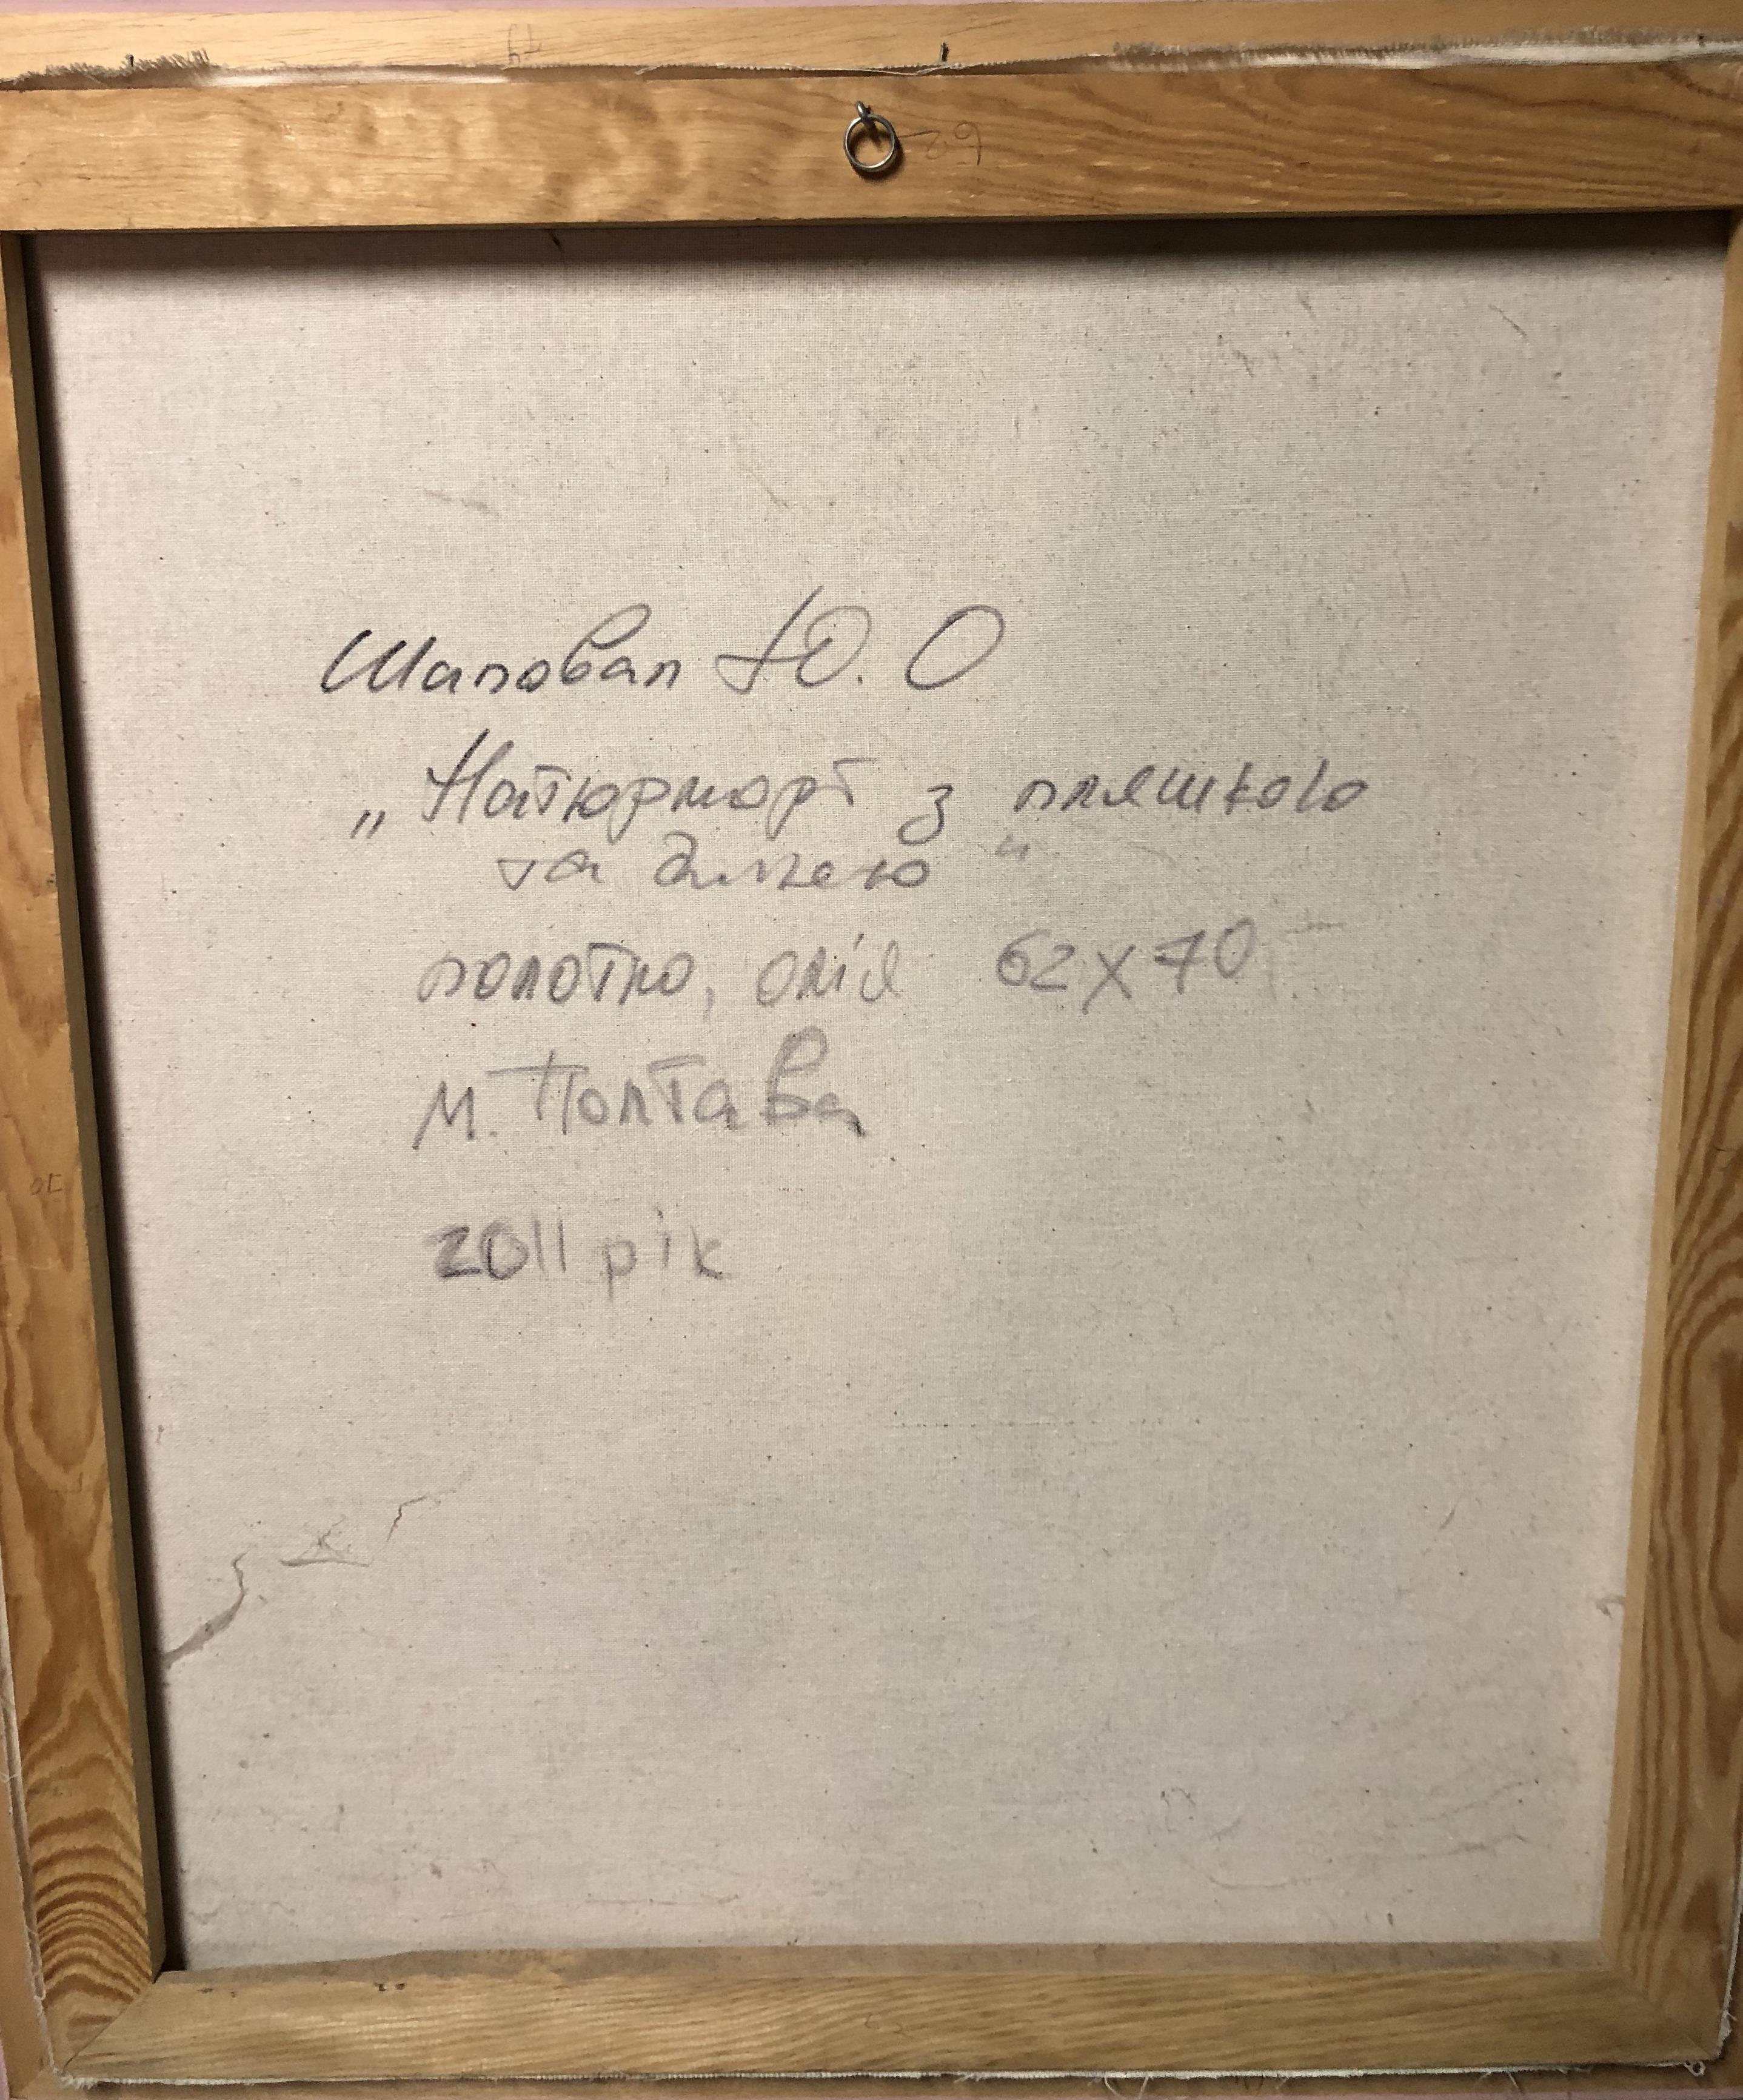 Натюрморт з пляшкою 62-70 см., холст, масло 2011 год  - 1